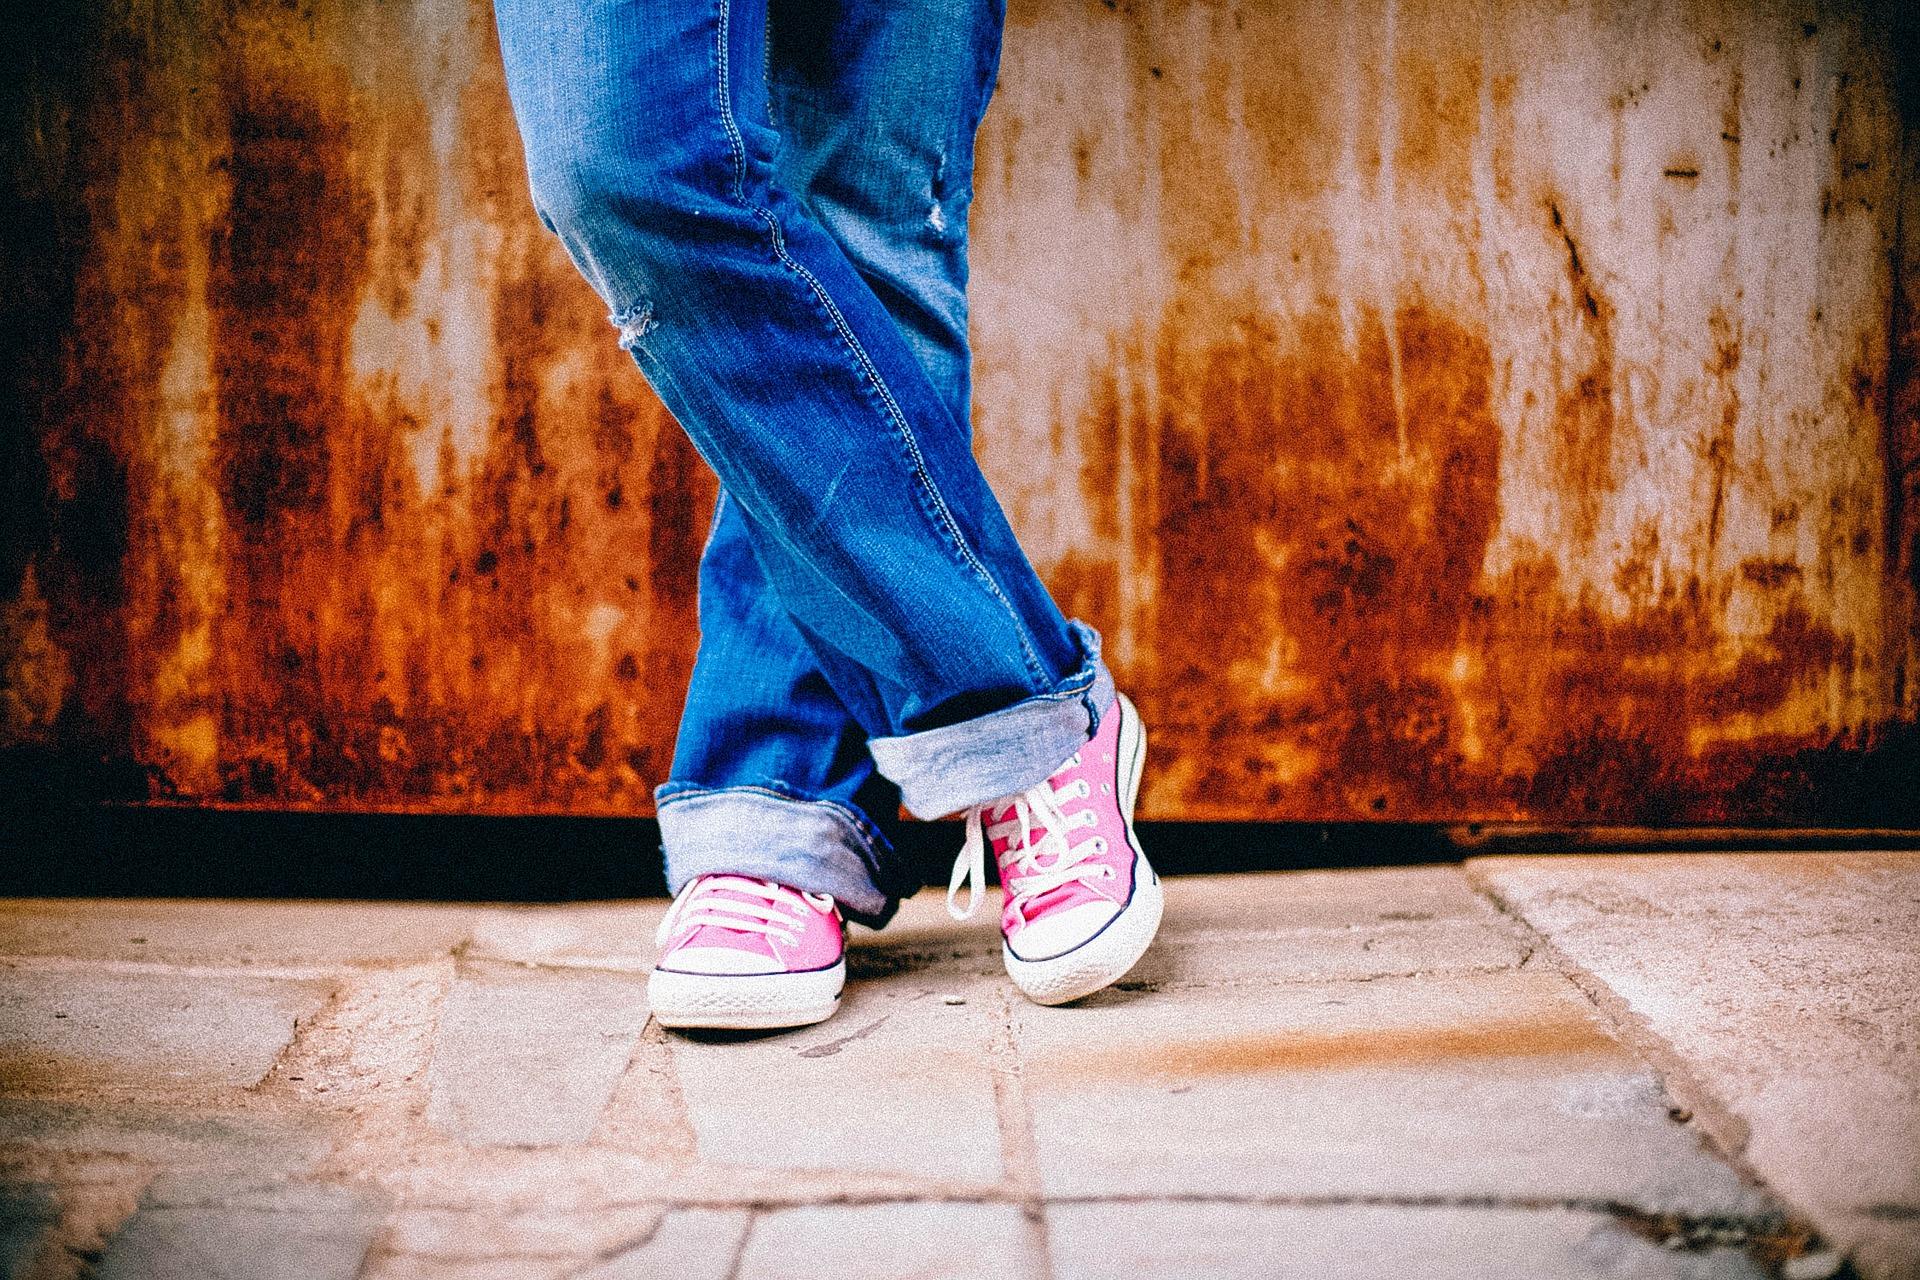 足で本心を見破る!足を組む5つの心理 2